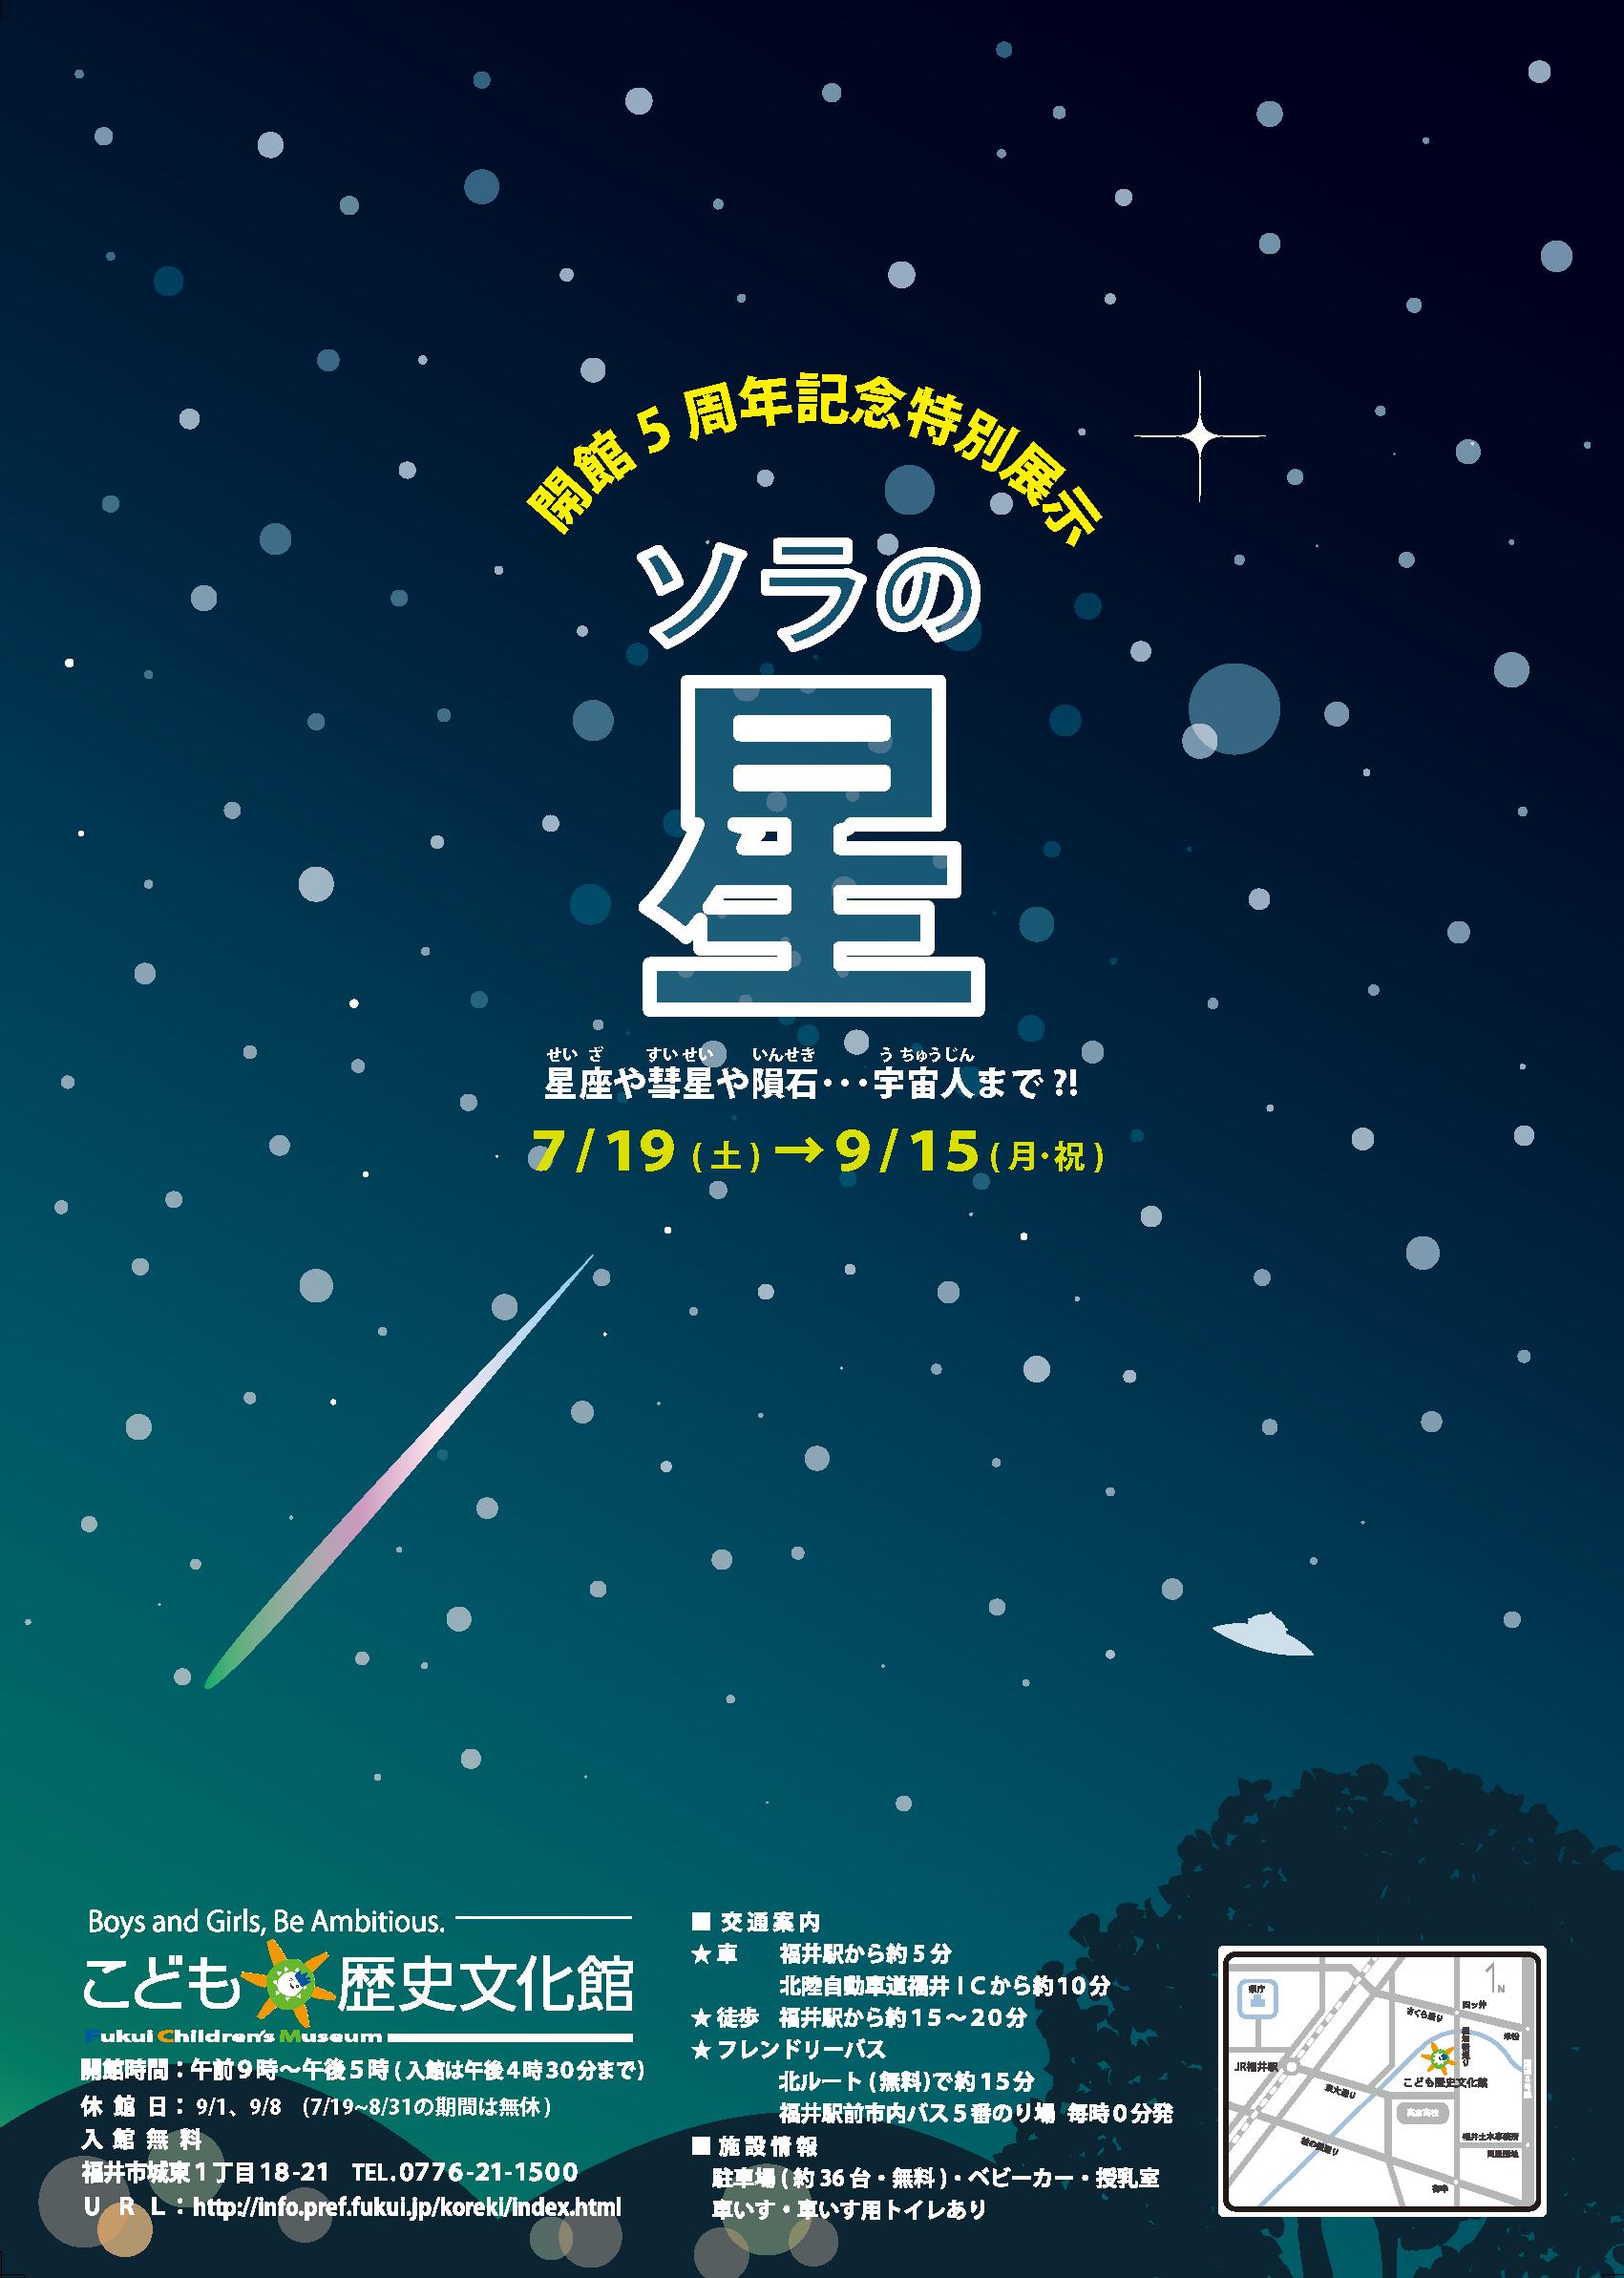 福井県立こども歴史文化館 特別展示「ソラの星」に協力